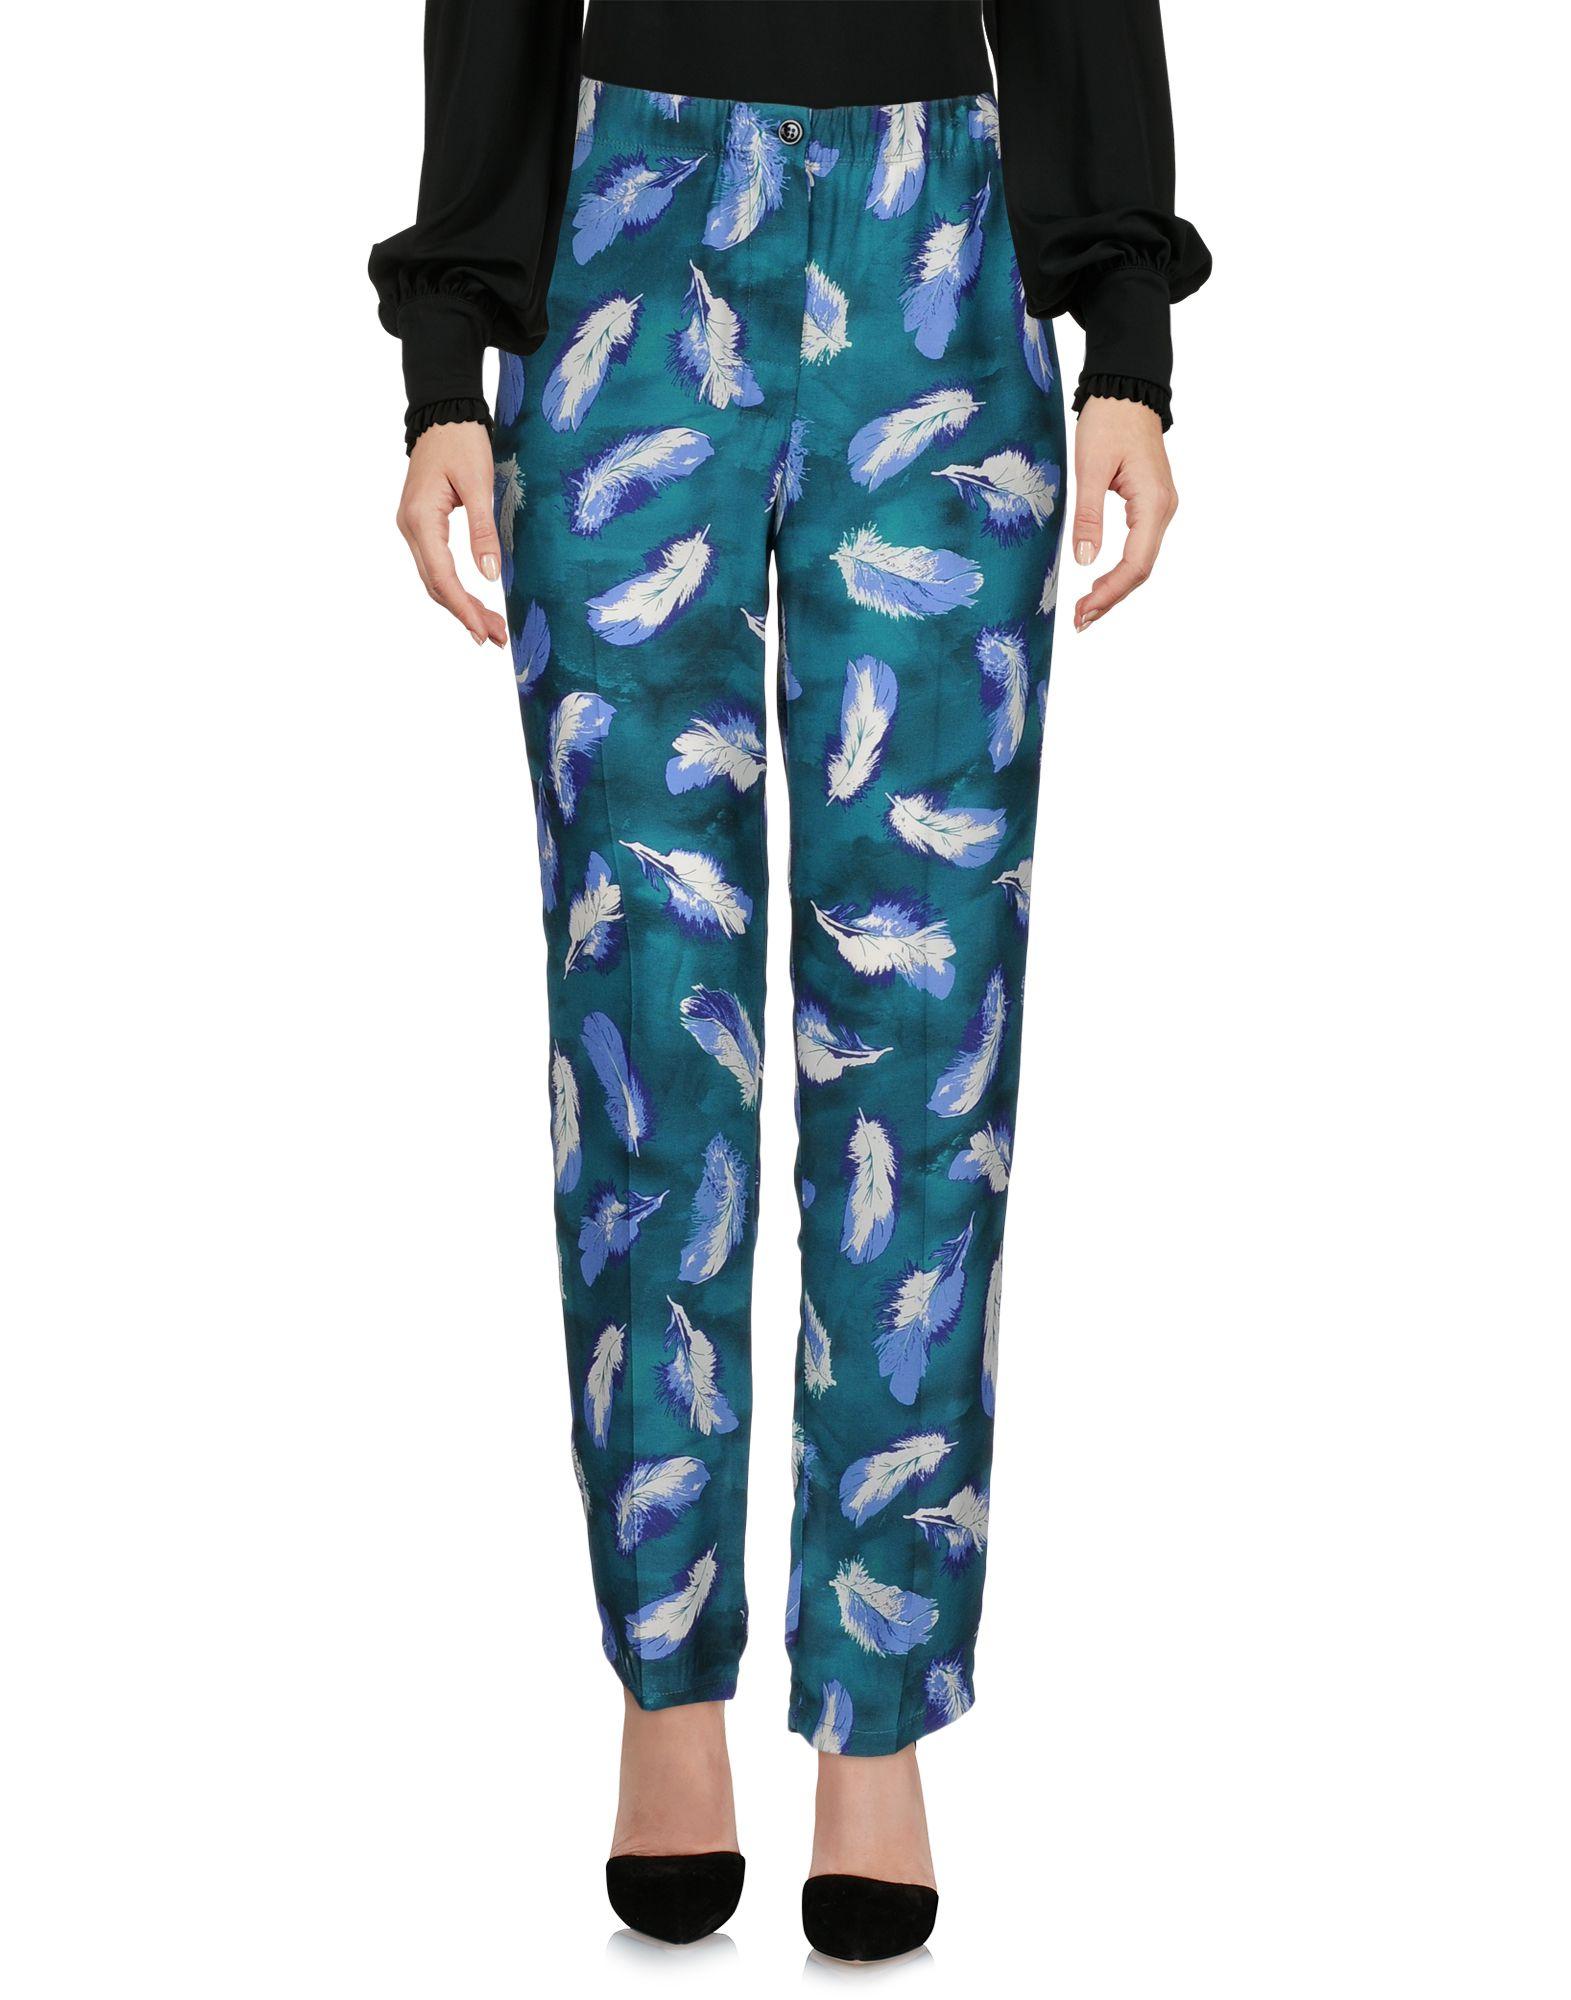 Pantalone Atos Lombardini Donna - Acquista online su 9mossjn2nQ